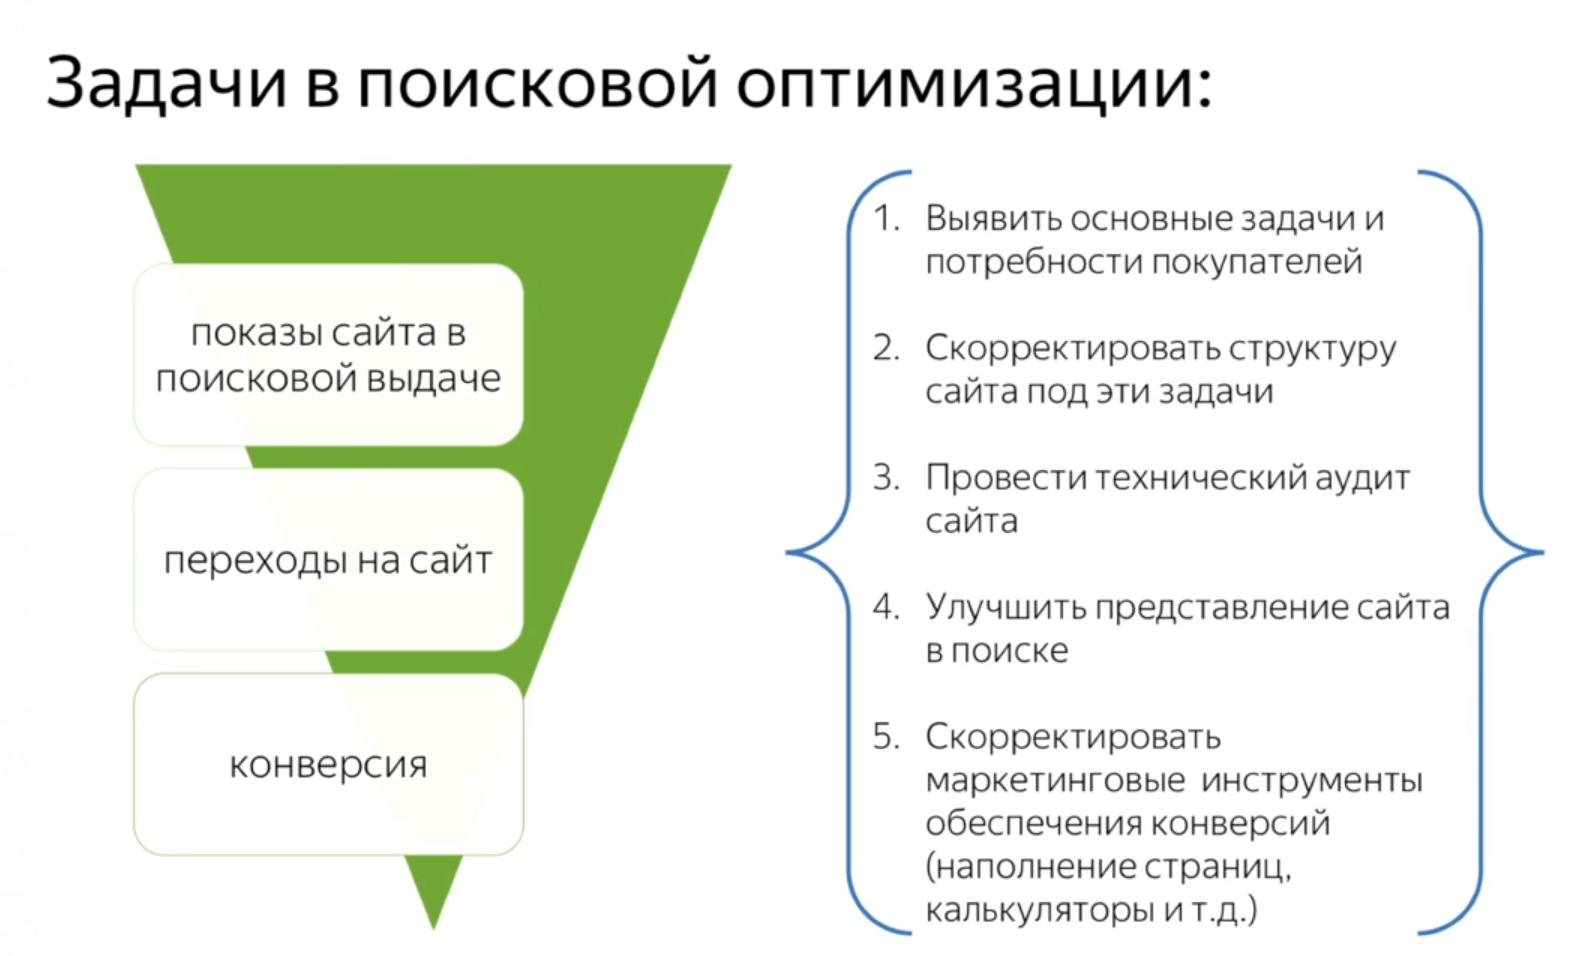 шаги поисковой оптимизации сайта в Яндекс